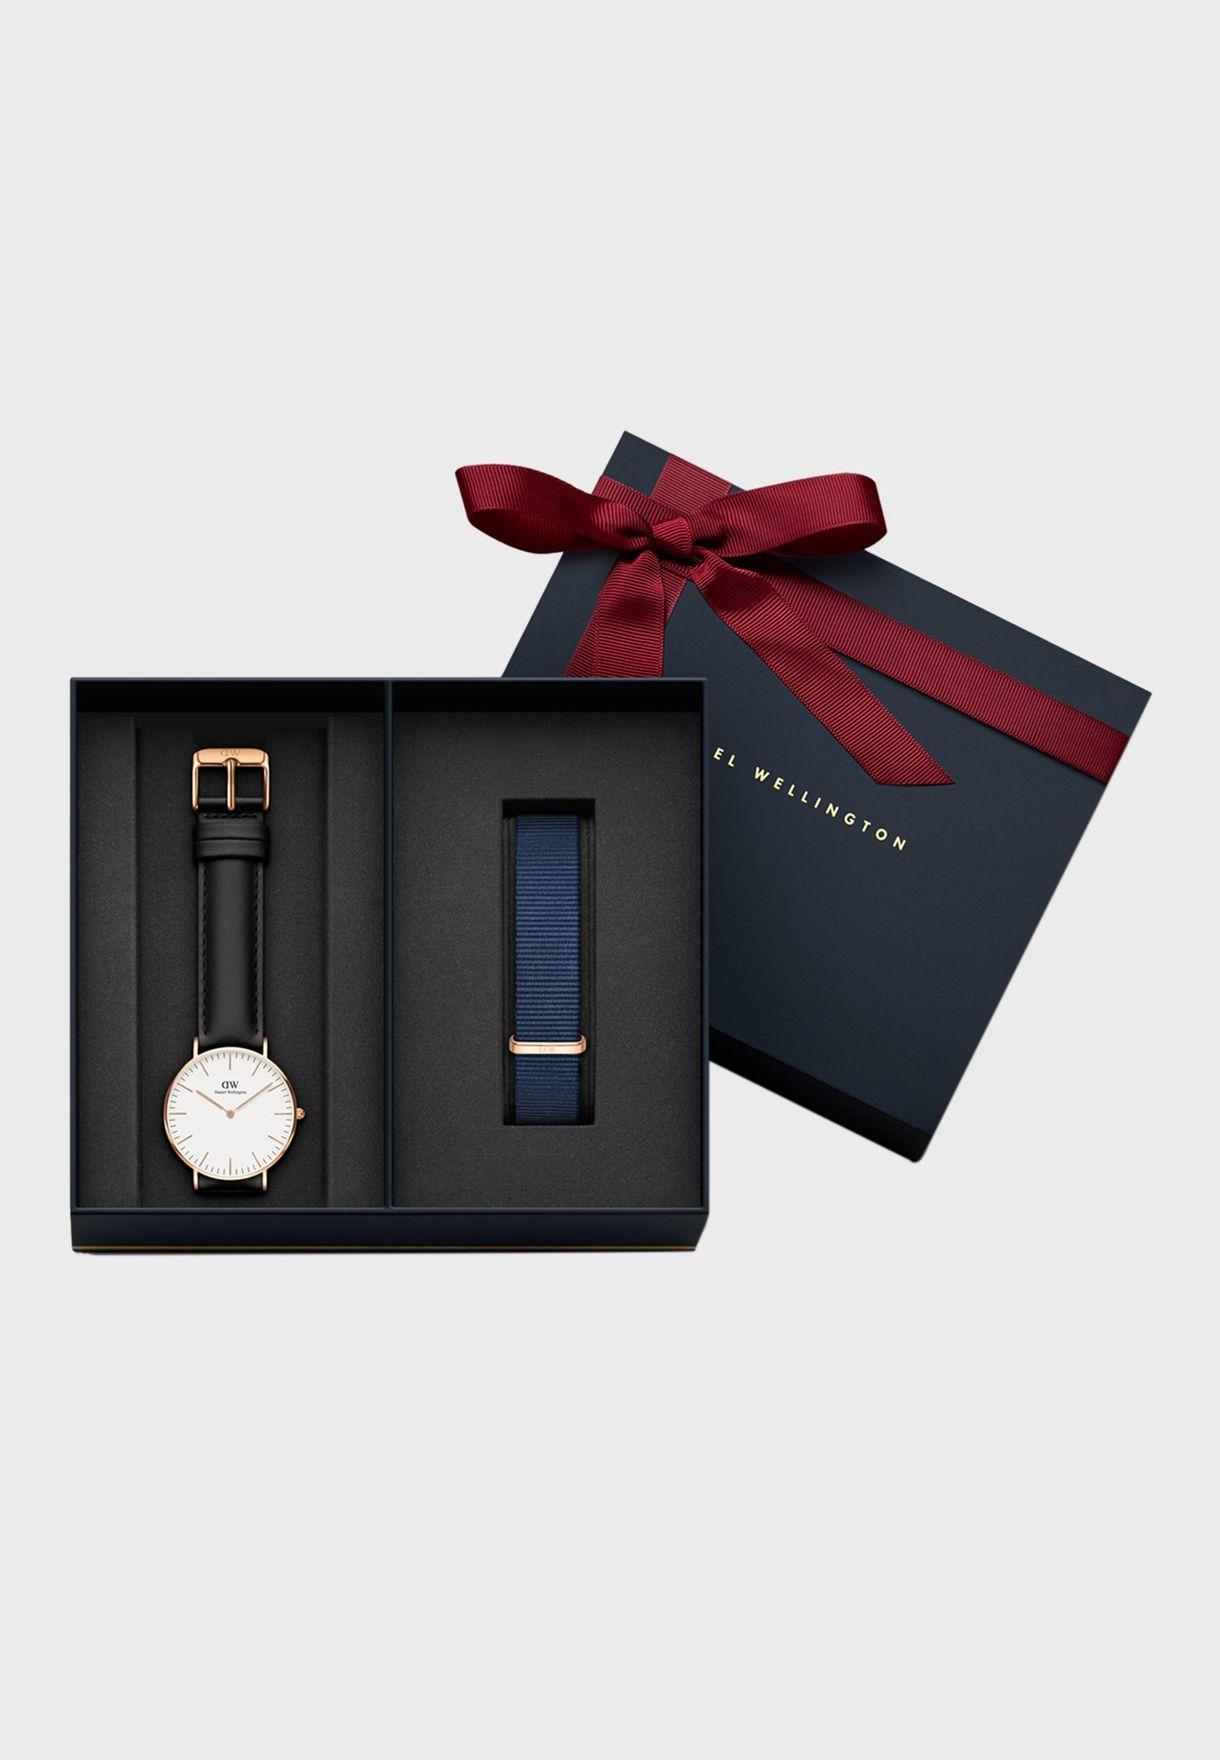 68b731350d24c تسوق طقم ( ساعة شيفيلد كلاسيك + حزام ساعة) ماركة دانيال ولينغتون لون ...